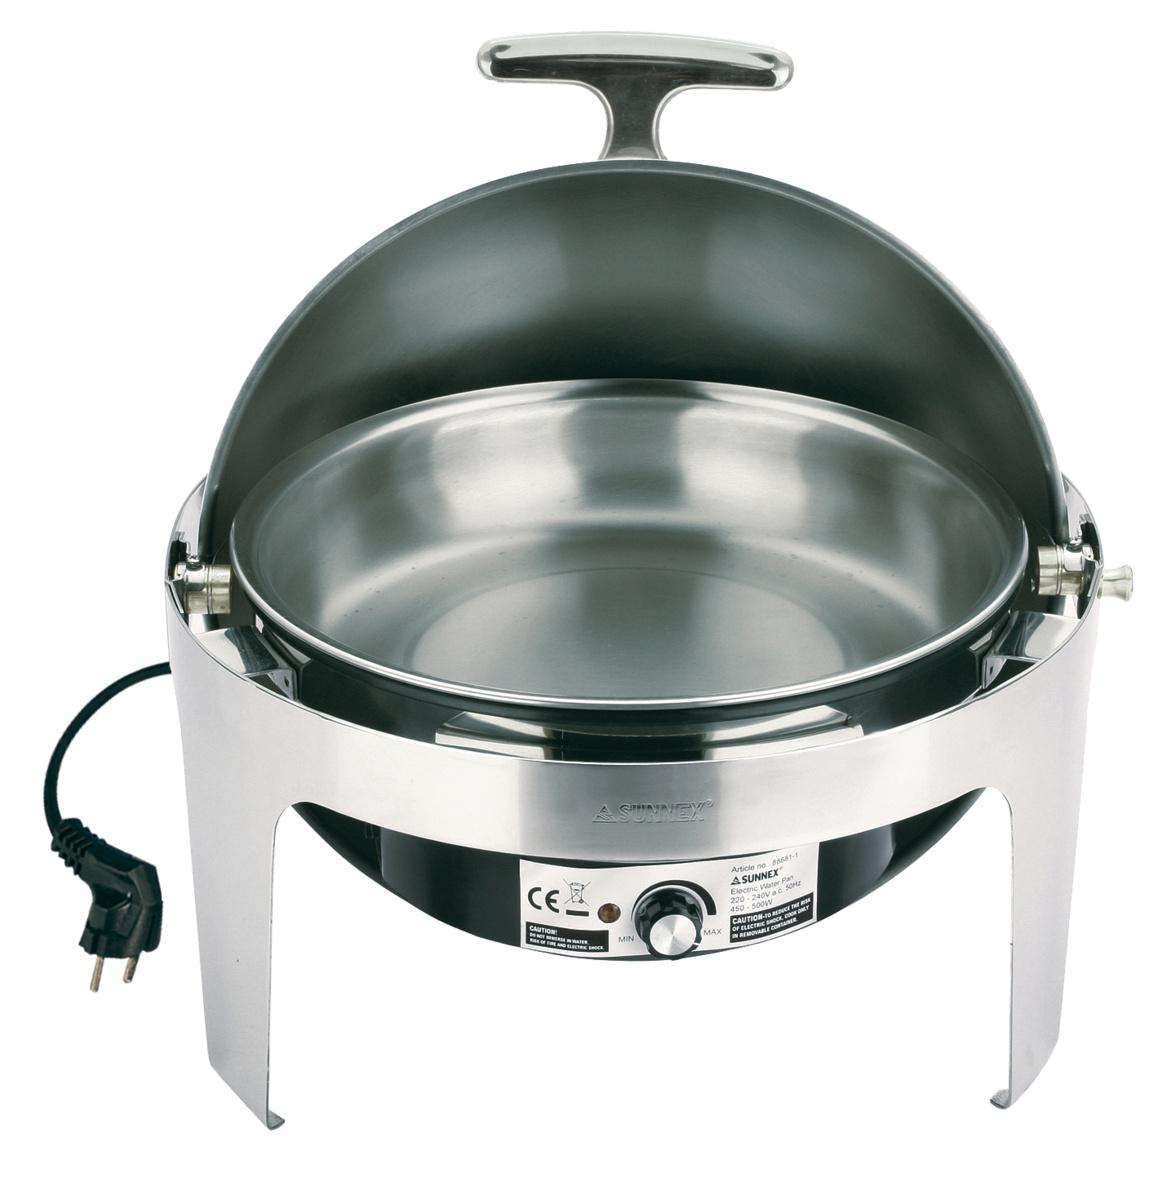 Chafing dish électrique elite rond 6,80 l